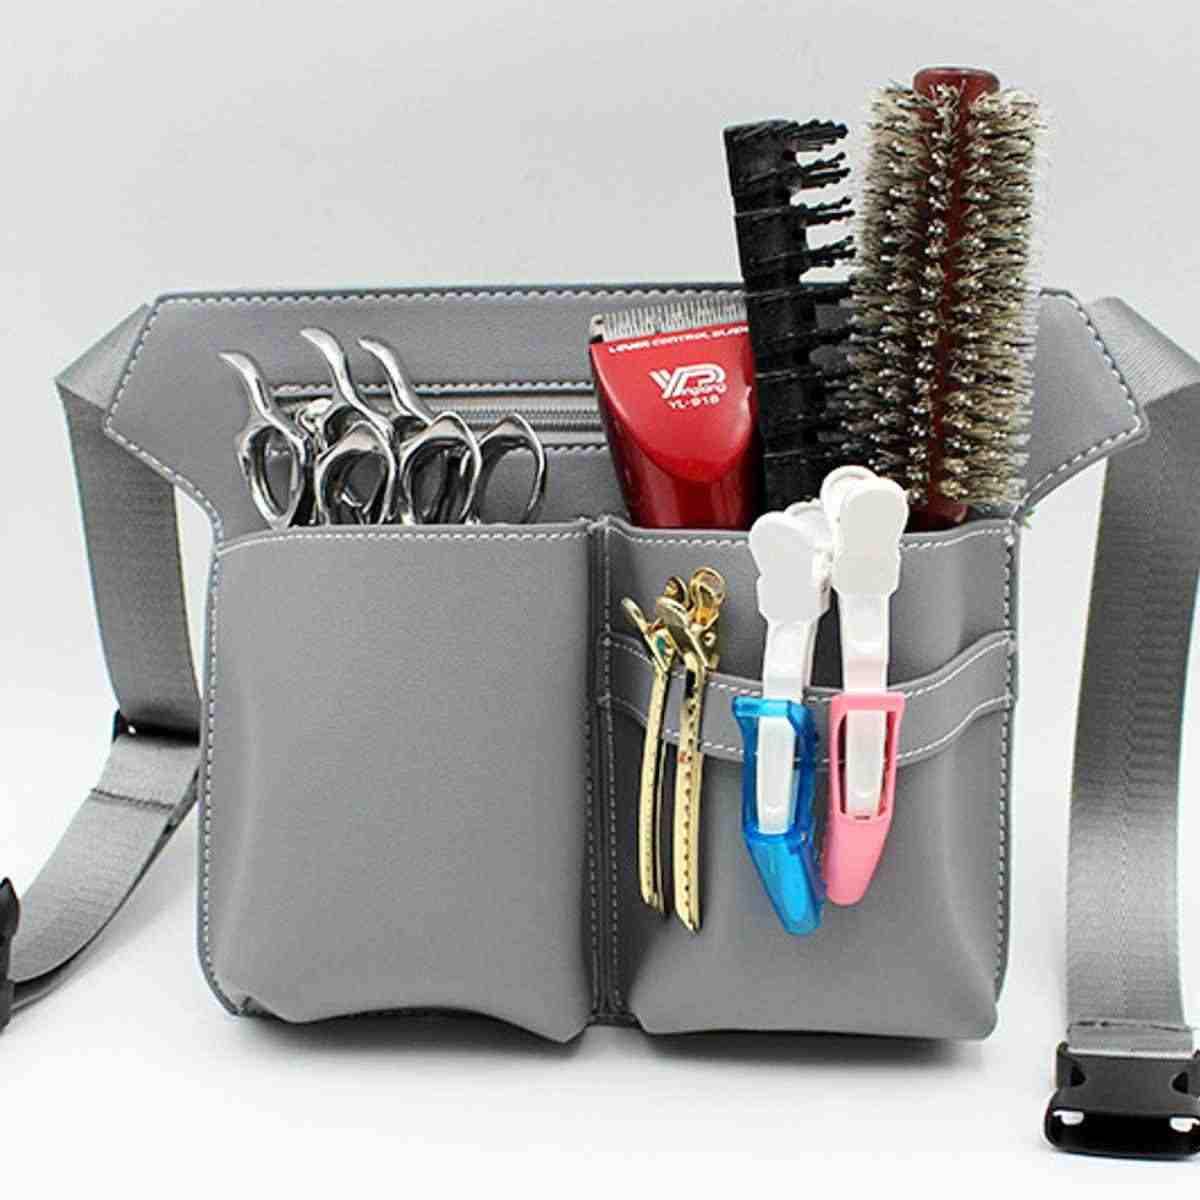 Cheveux ciseaux sac Clips peigne Case coiffure coiffeur cheveux ciseaux étui support de pochette outil Salon taille pack ceinture PU cuir sac